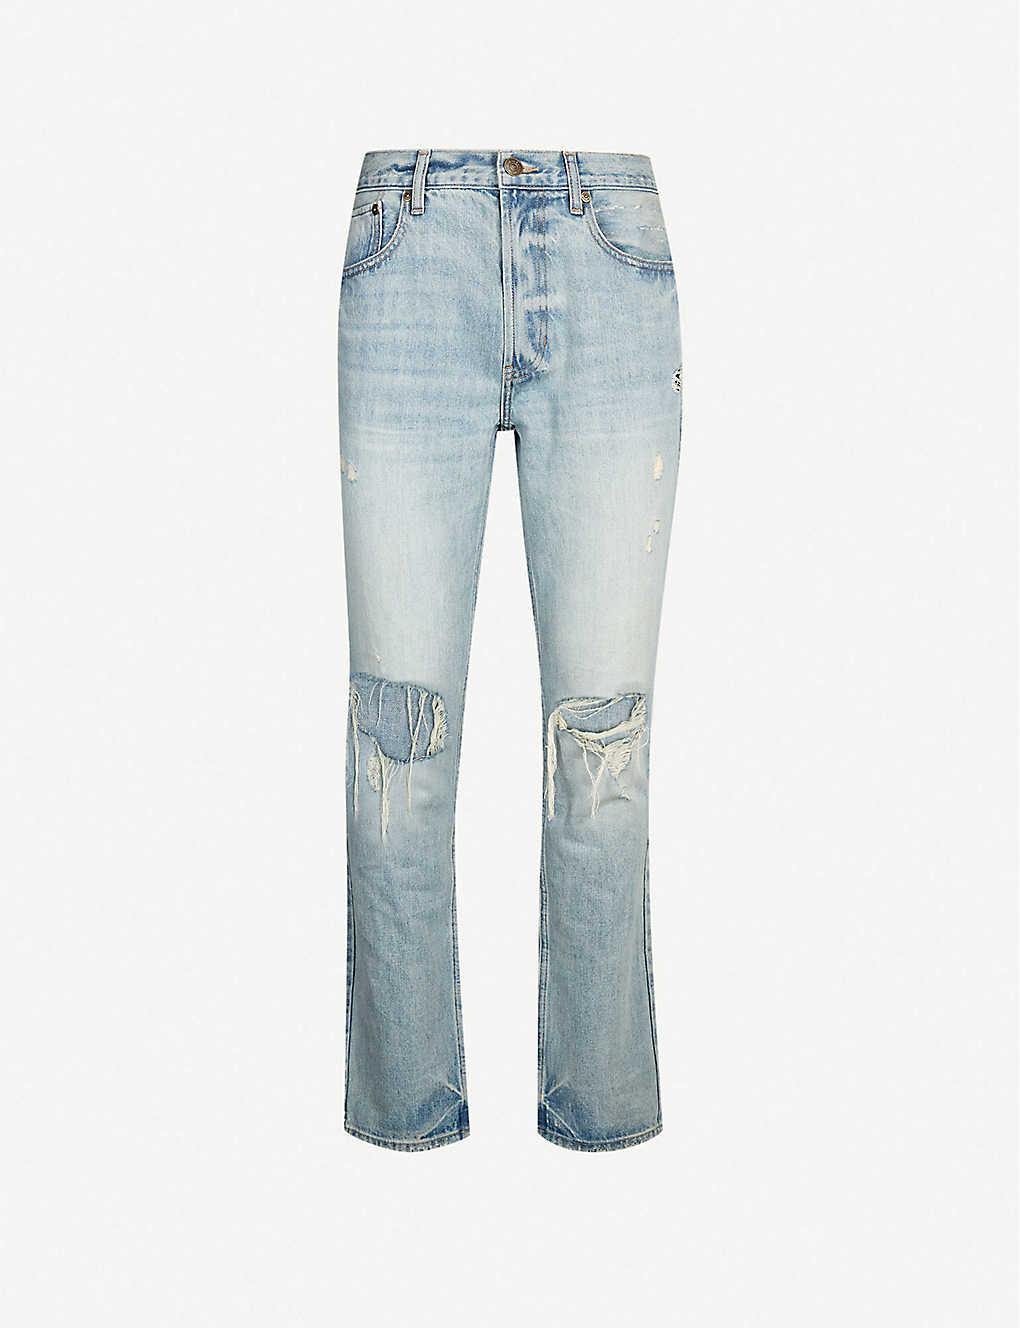 cbd7858160 PACSUN - Destroy slim-fit jeans   Selfridges.com